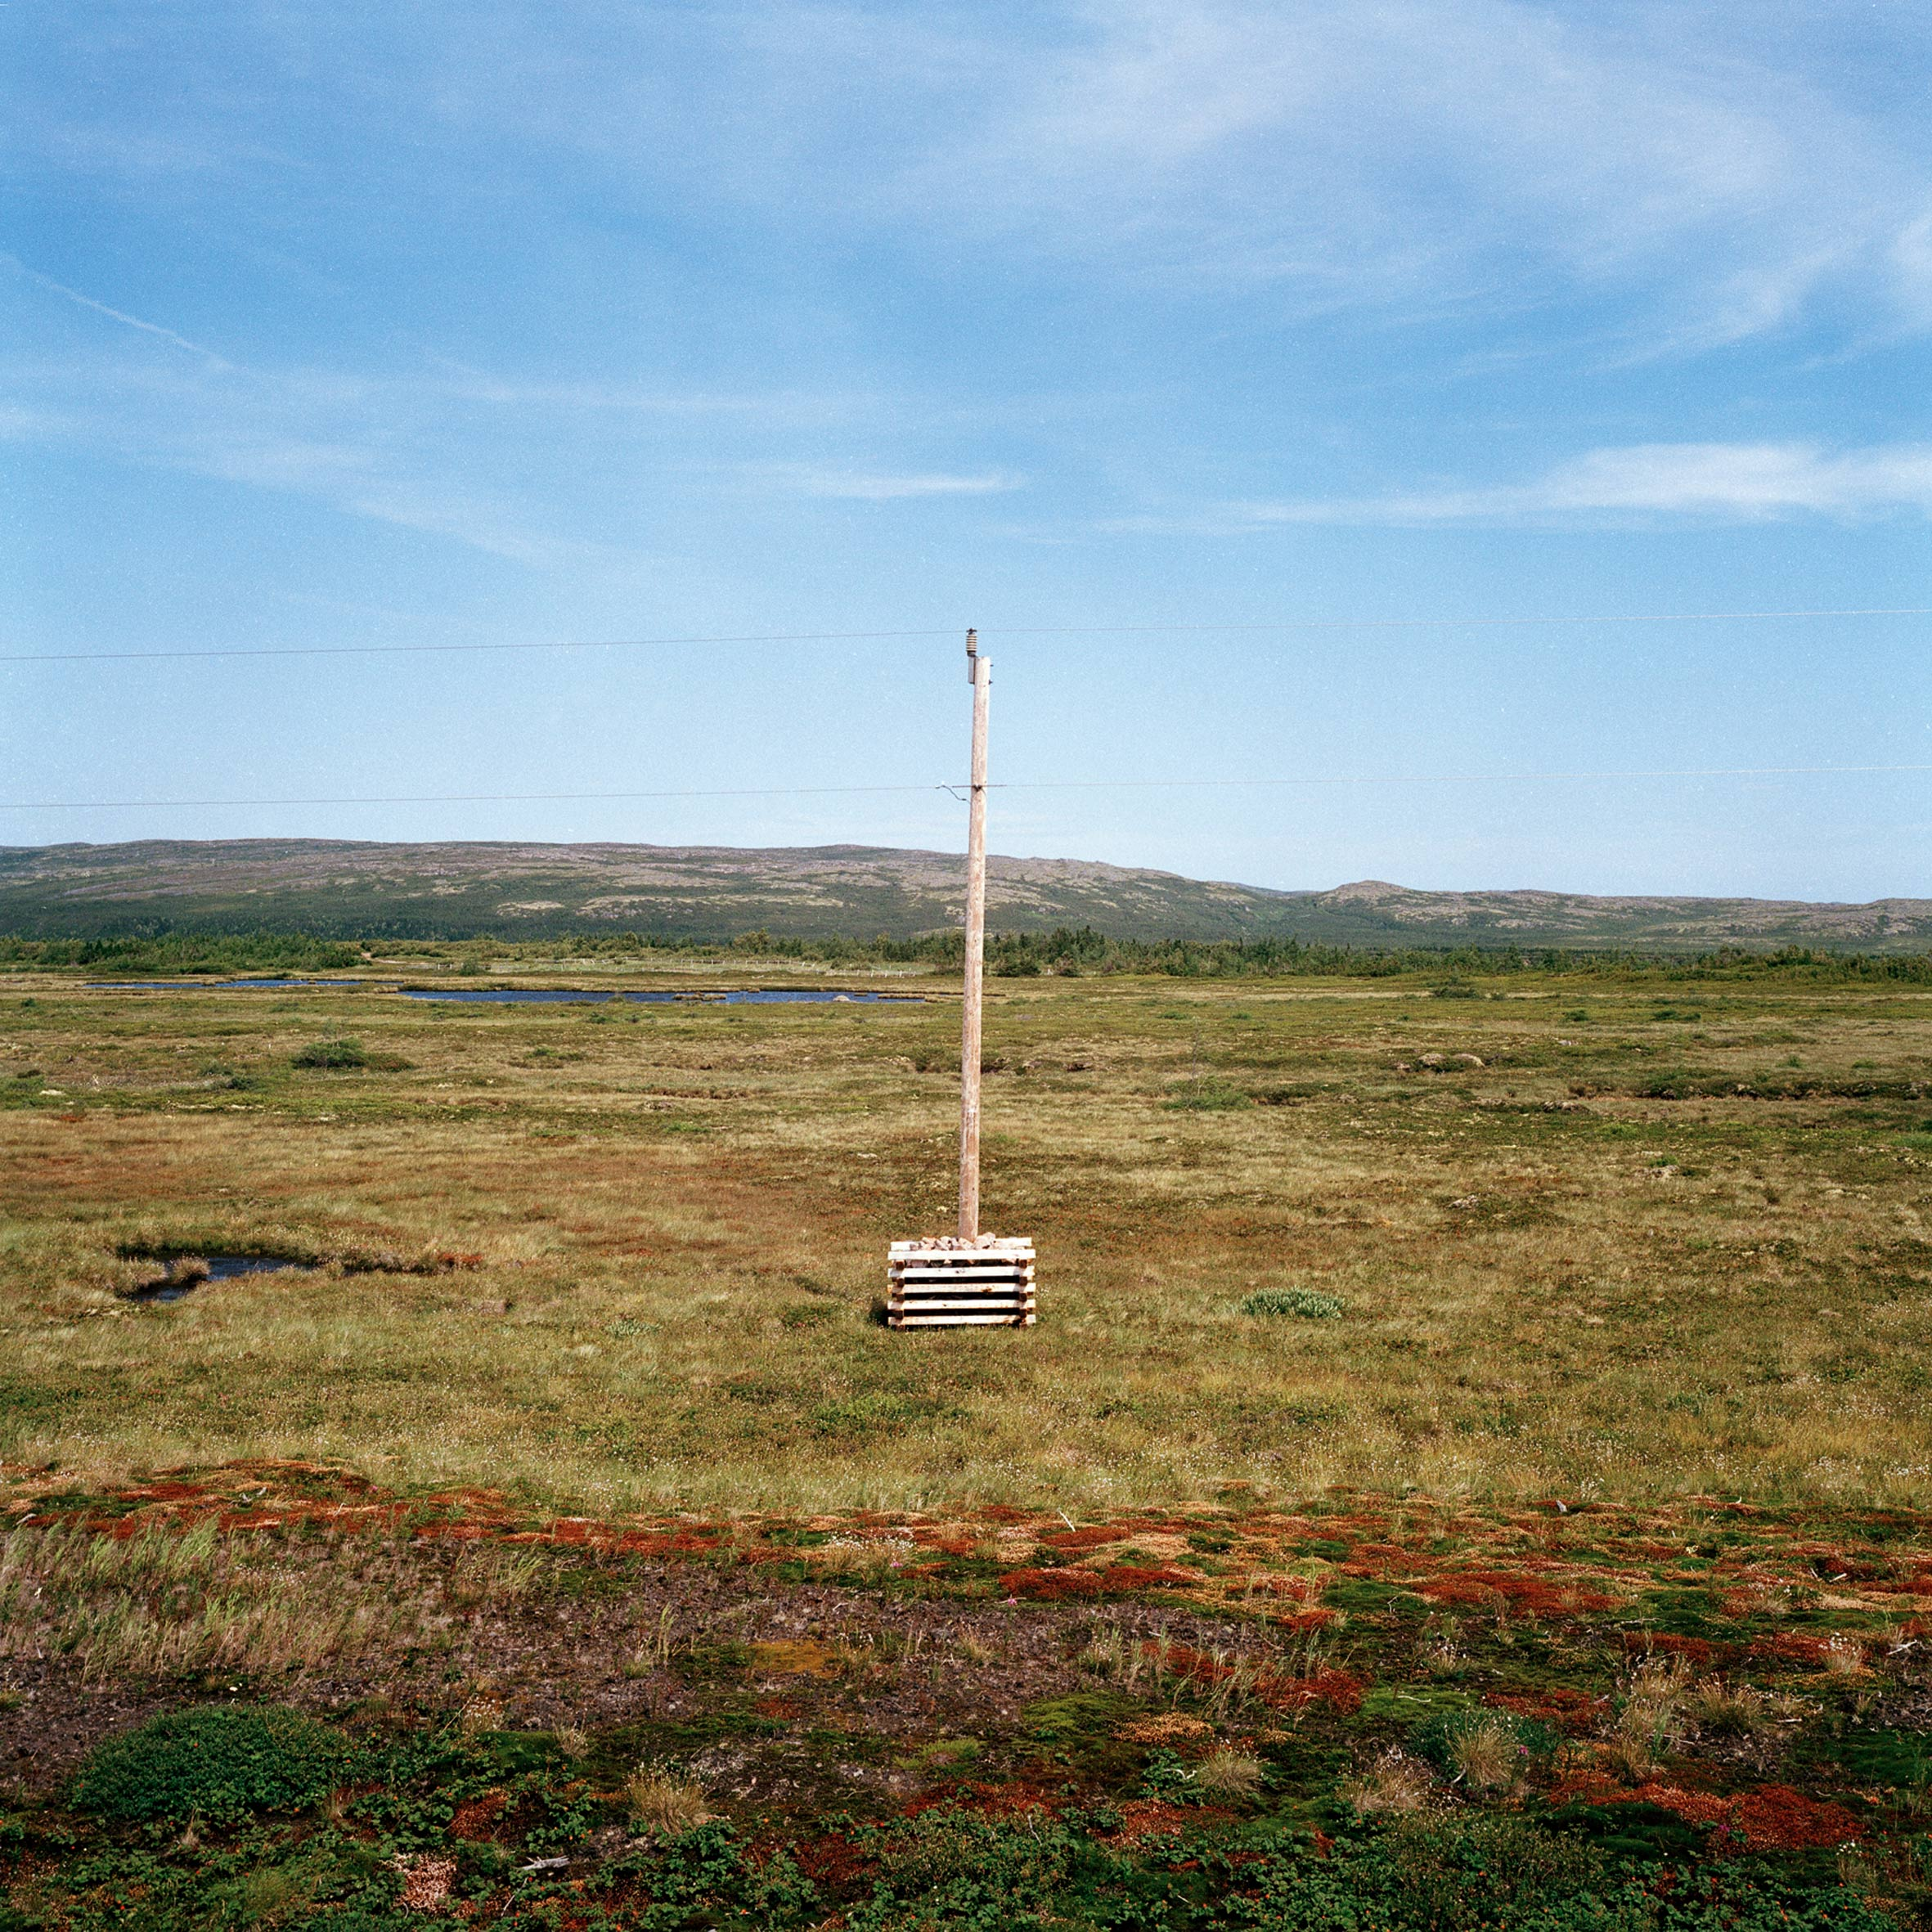 marcher créer, périple autobiographique, territoire du Labrador au Québec, paysage, paysage désertique, poteau électrique, ciel